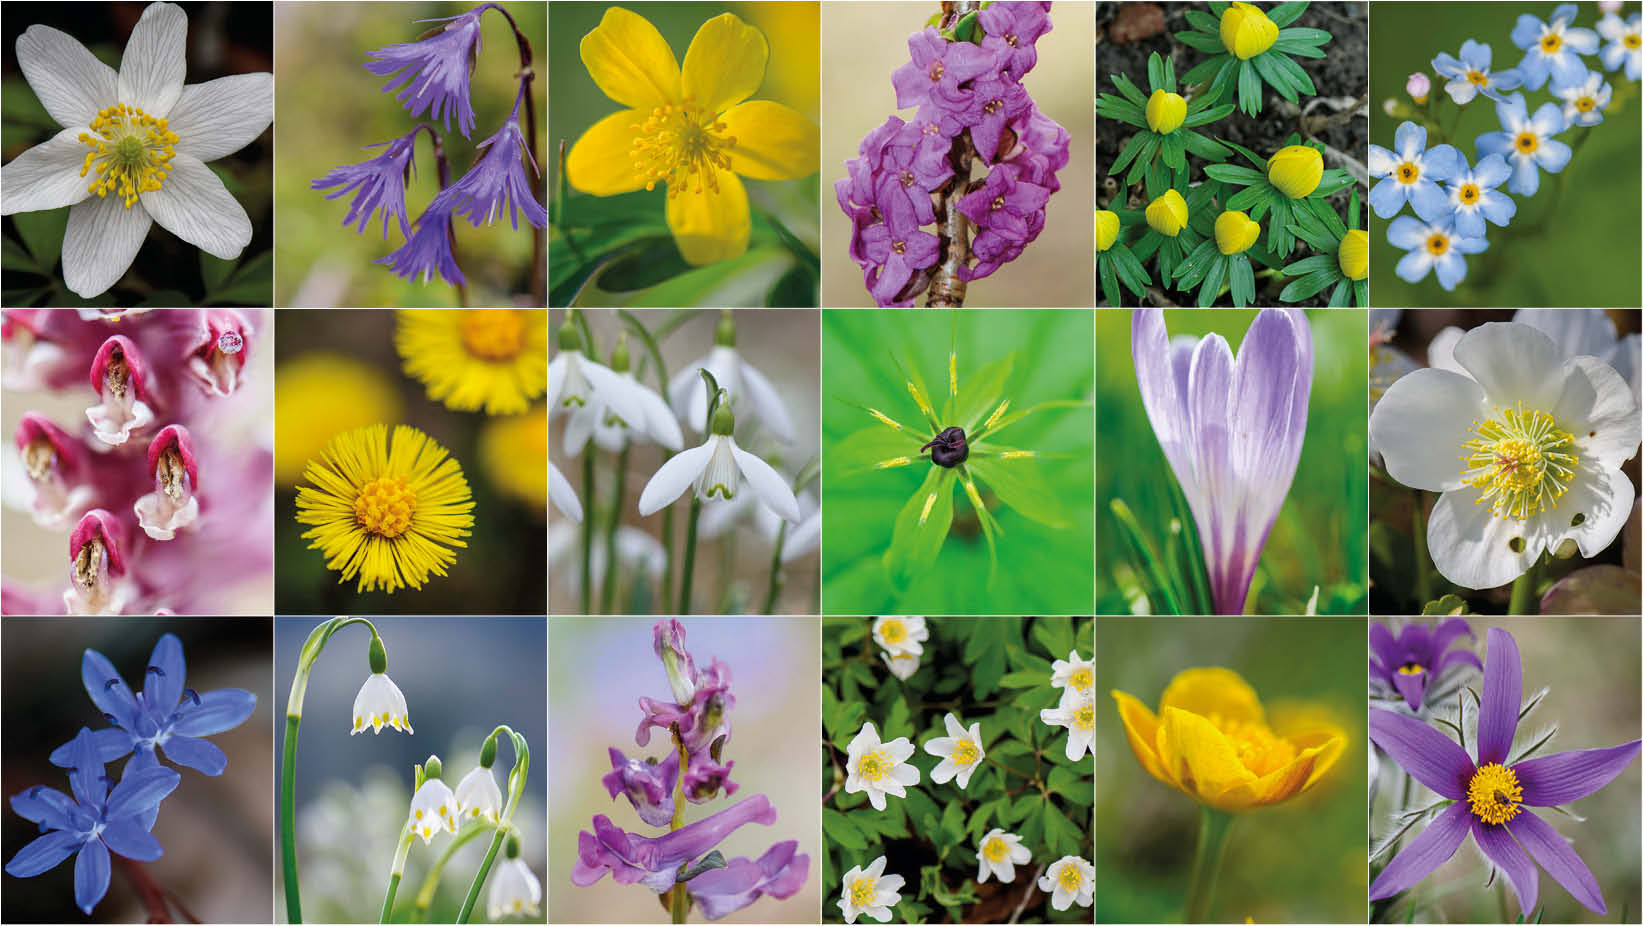 Frühlingsblumen - in Wort und Bild